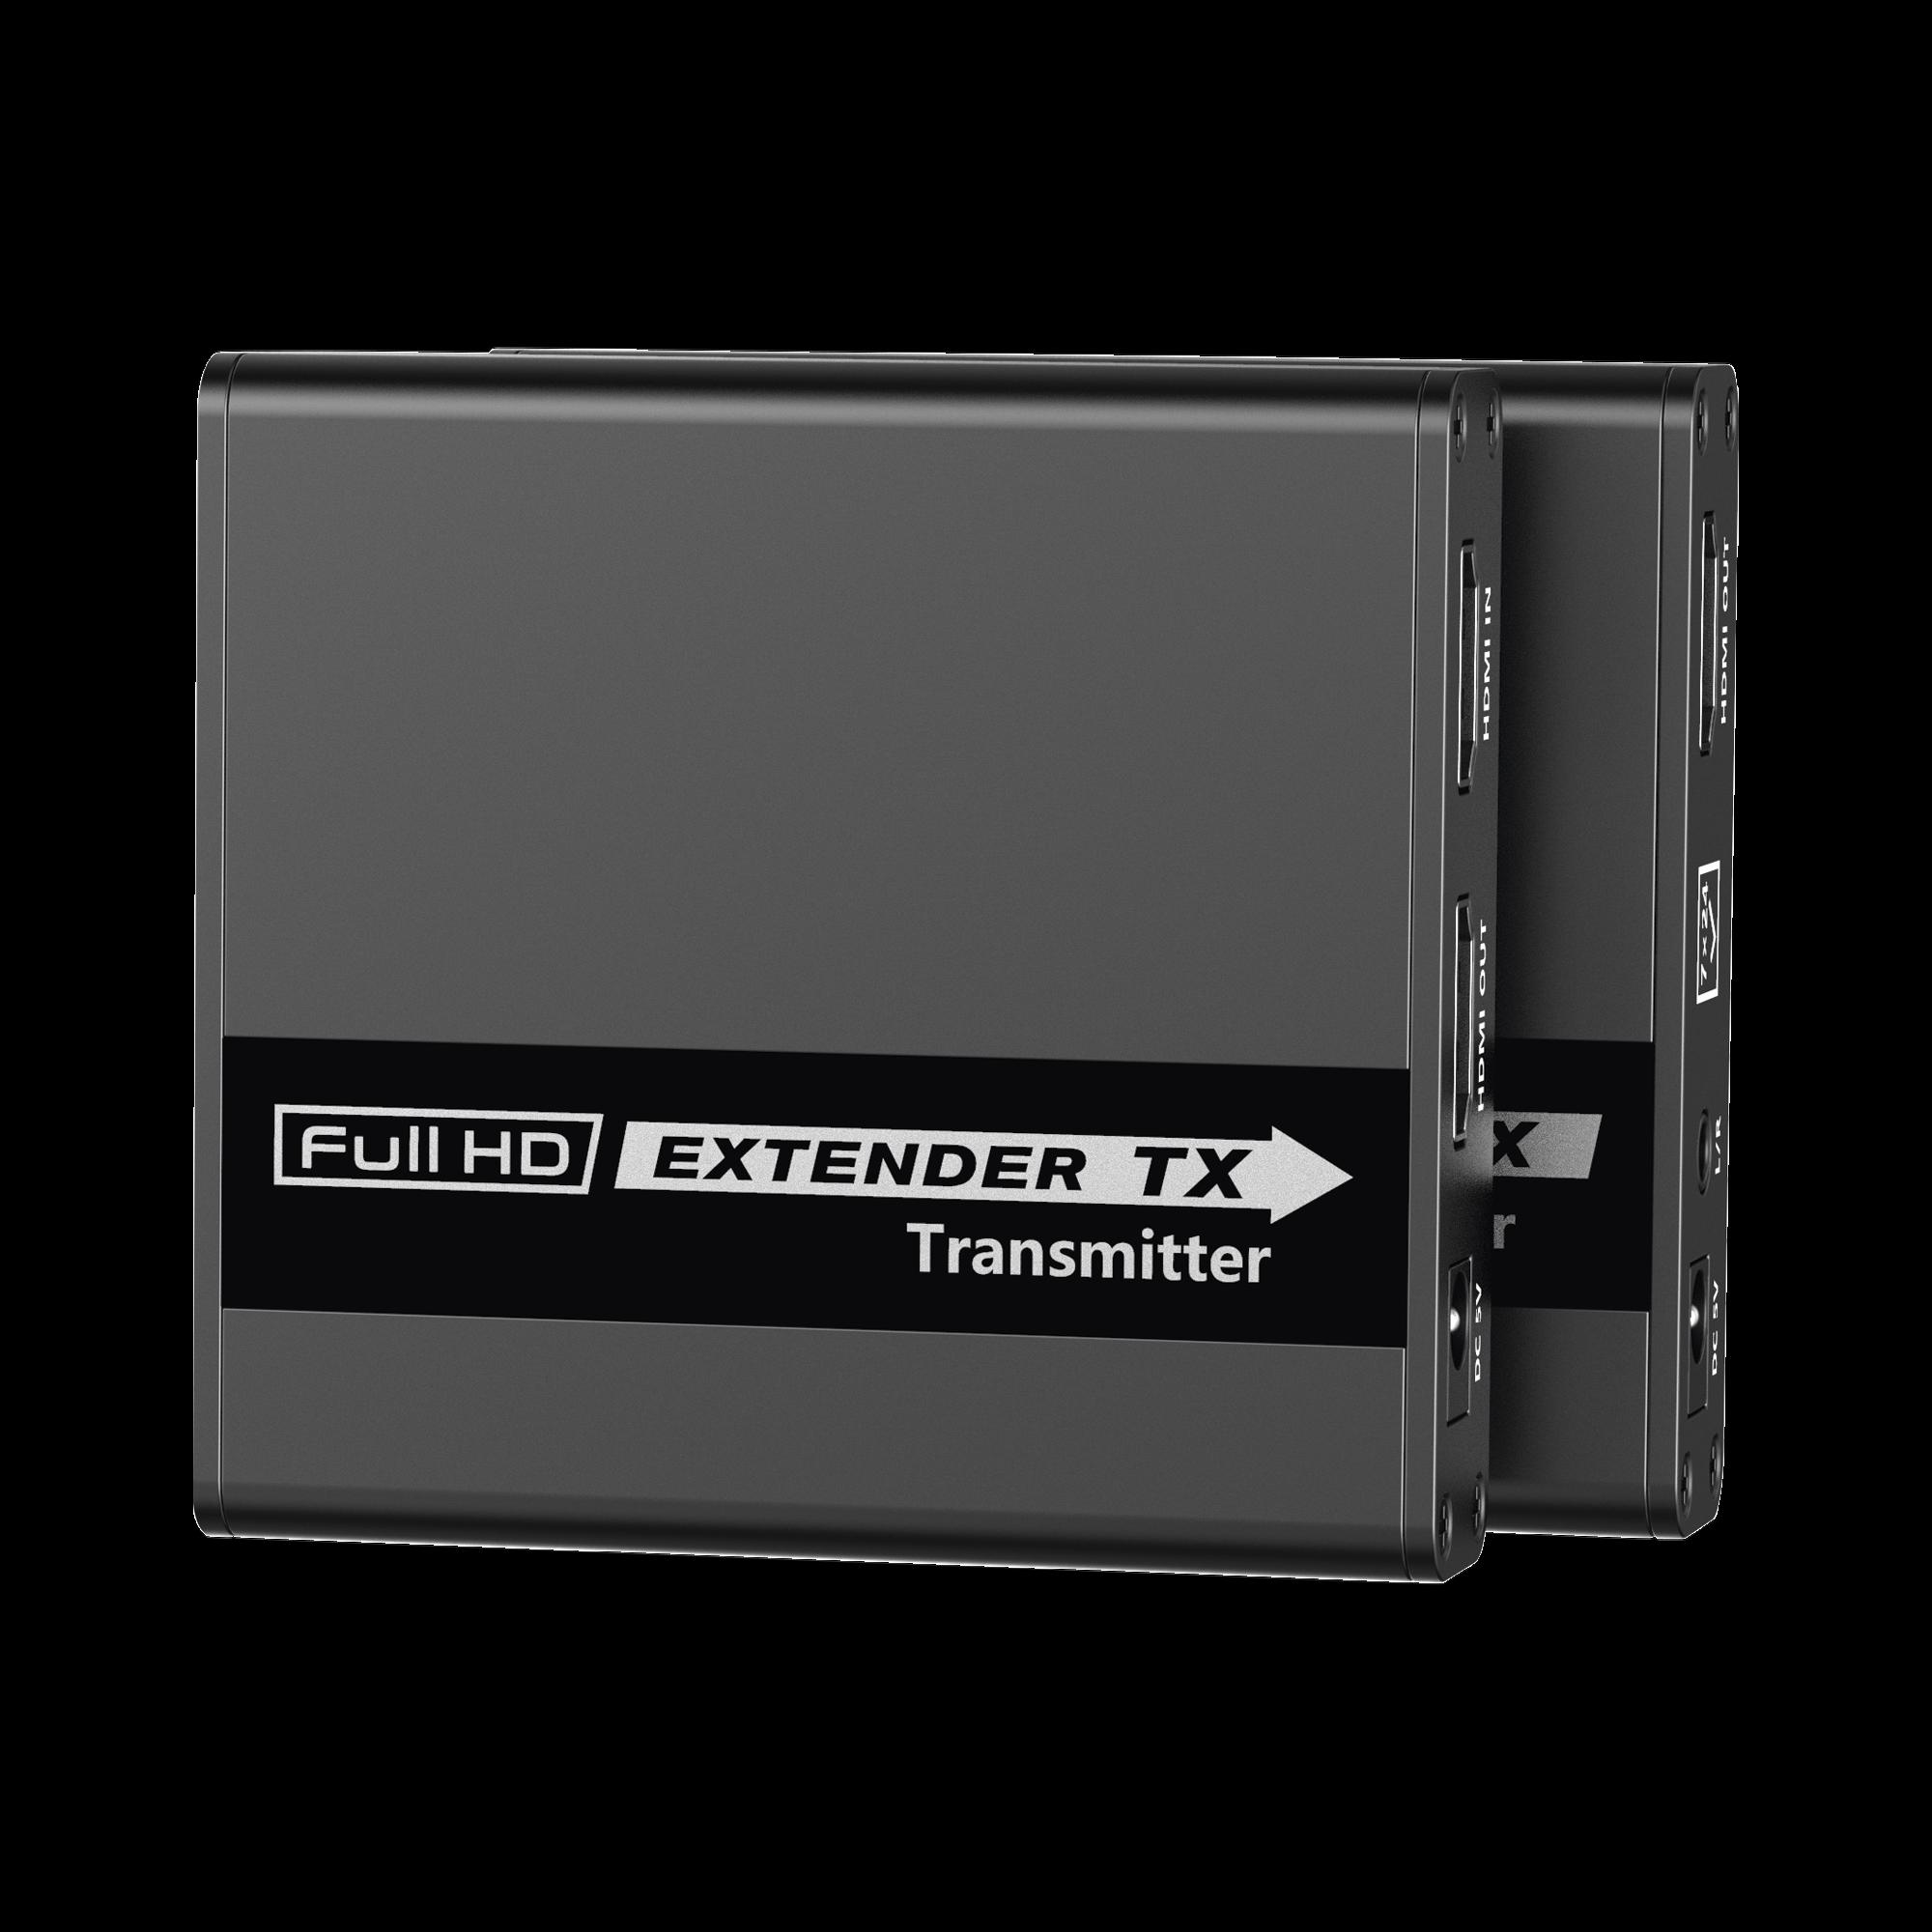 Kit extensor HDMI Full HD , para distancia de 70 metros con cable Cat 6 , Solo una fuente de alimentación en el transmisor, con control IR Bidireccional, 1080 p @ 60 Hz , compatible con HDCP.